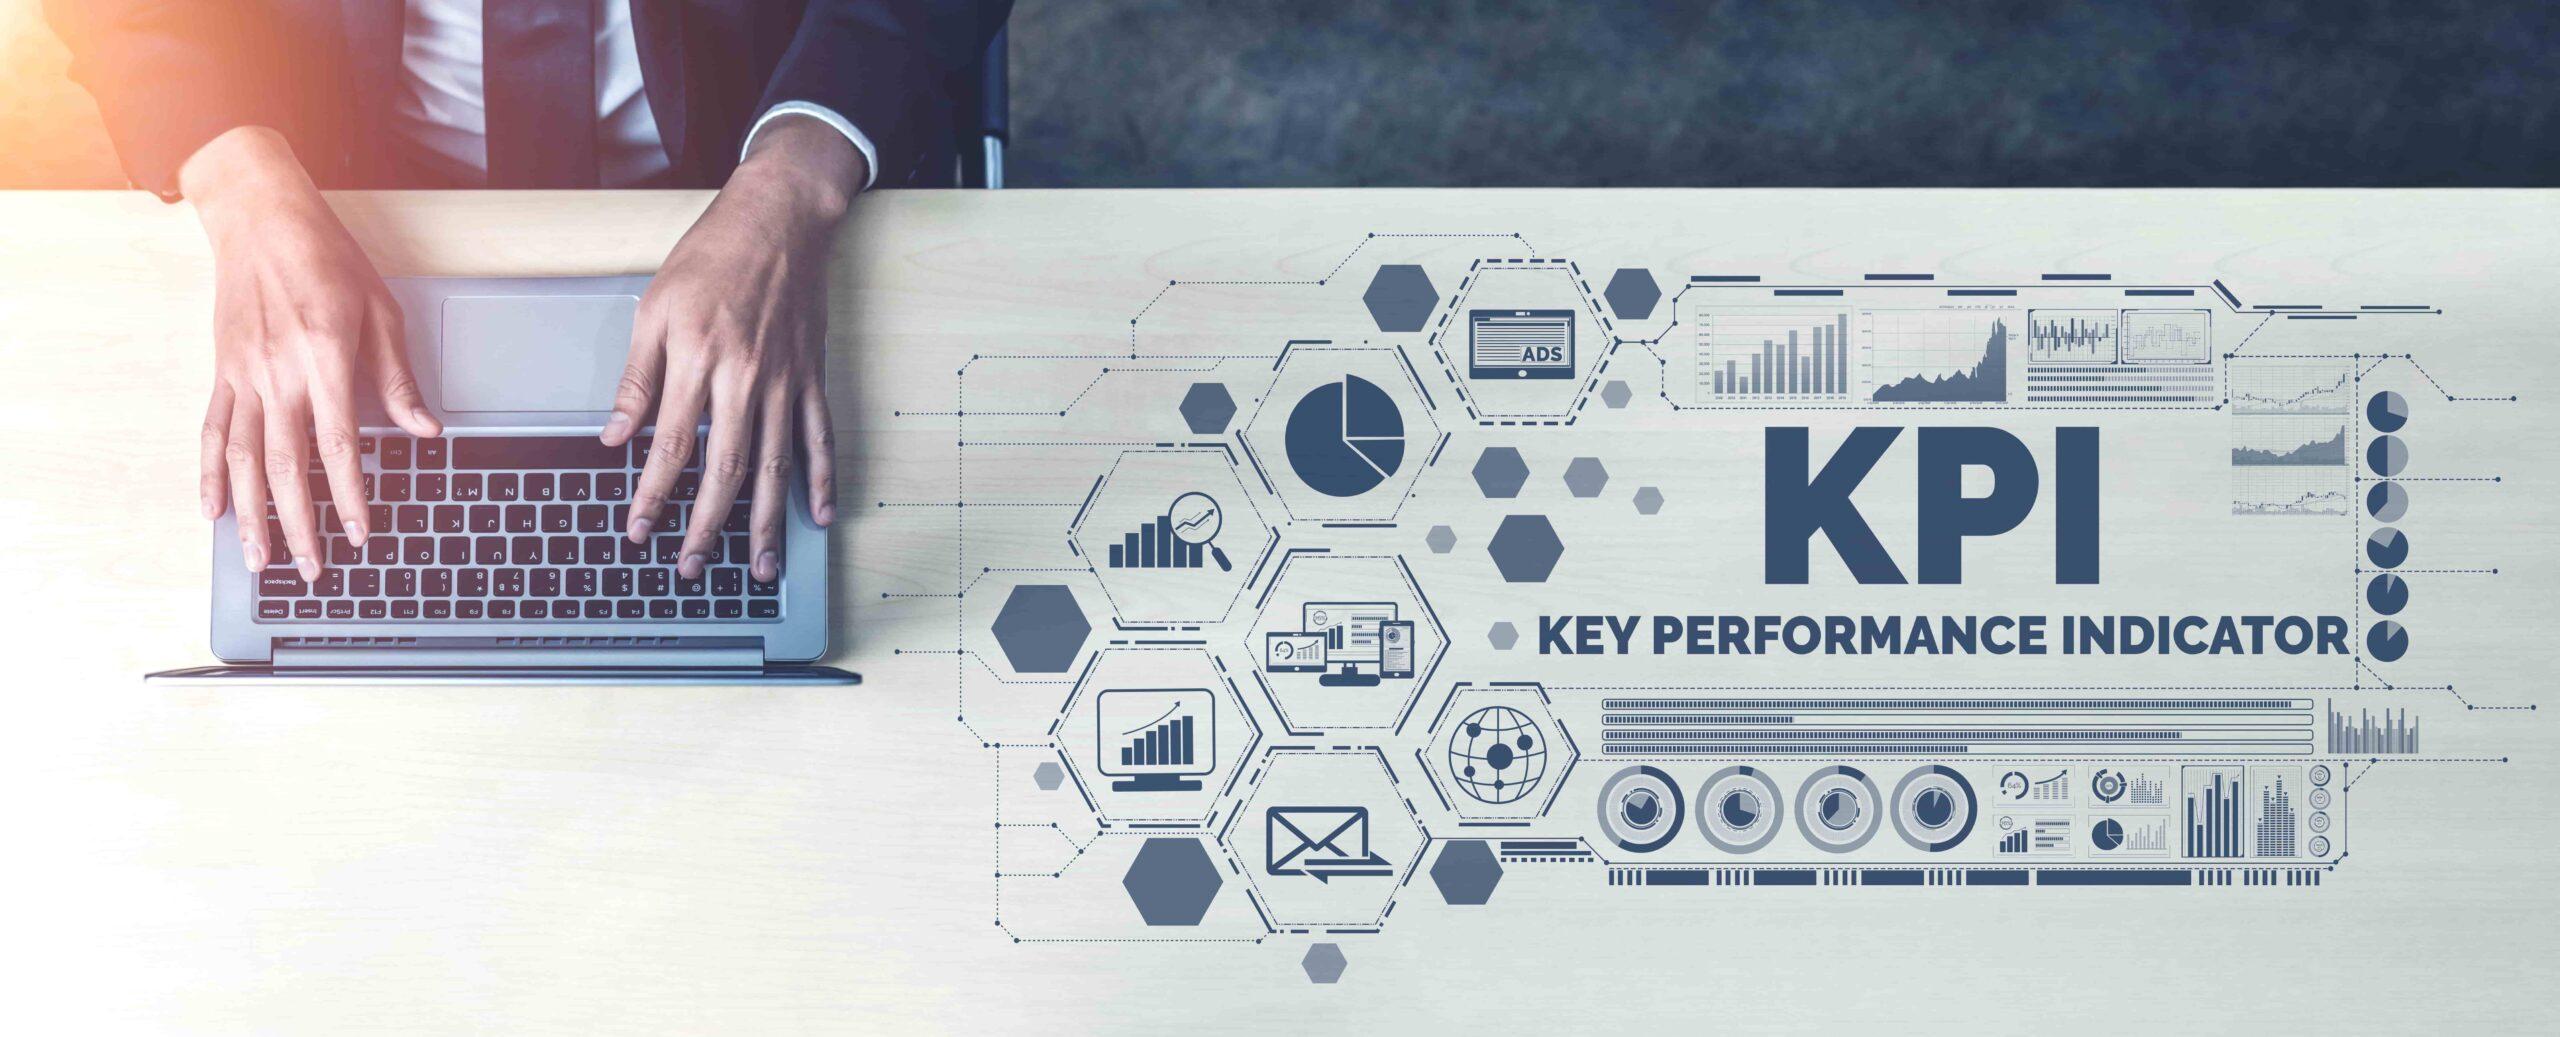 KPI(Key Performance Indicator)とは